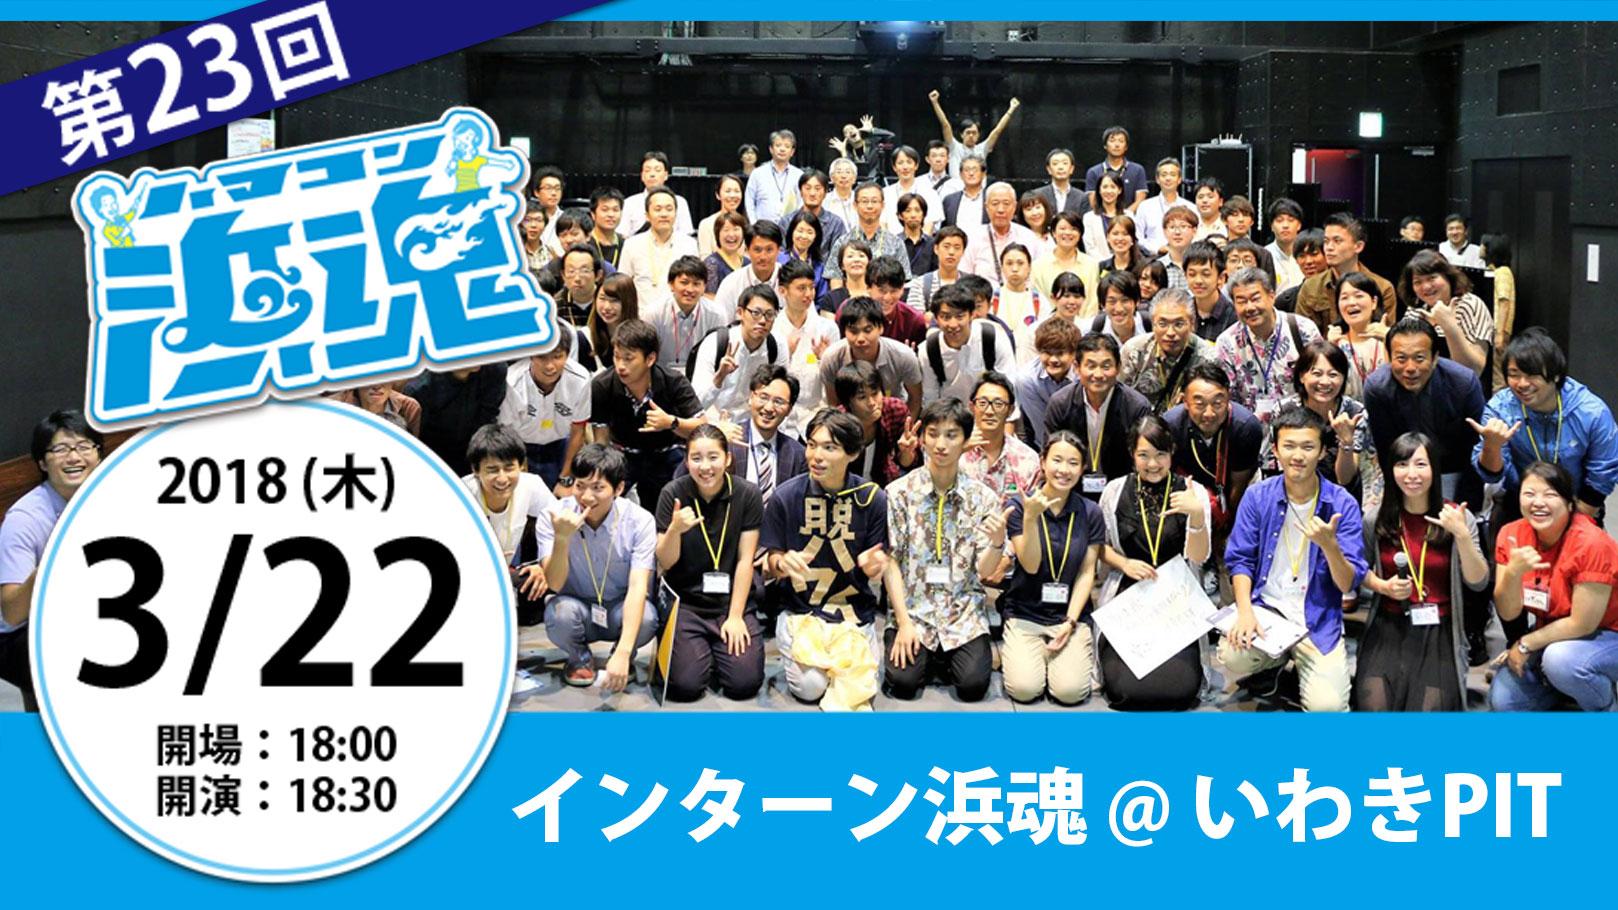 第23回浜魂「インターン浜魂」開催のお知らせ